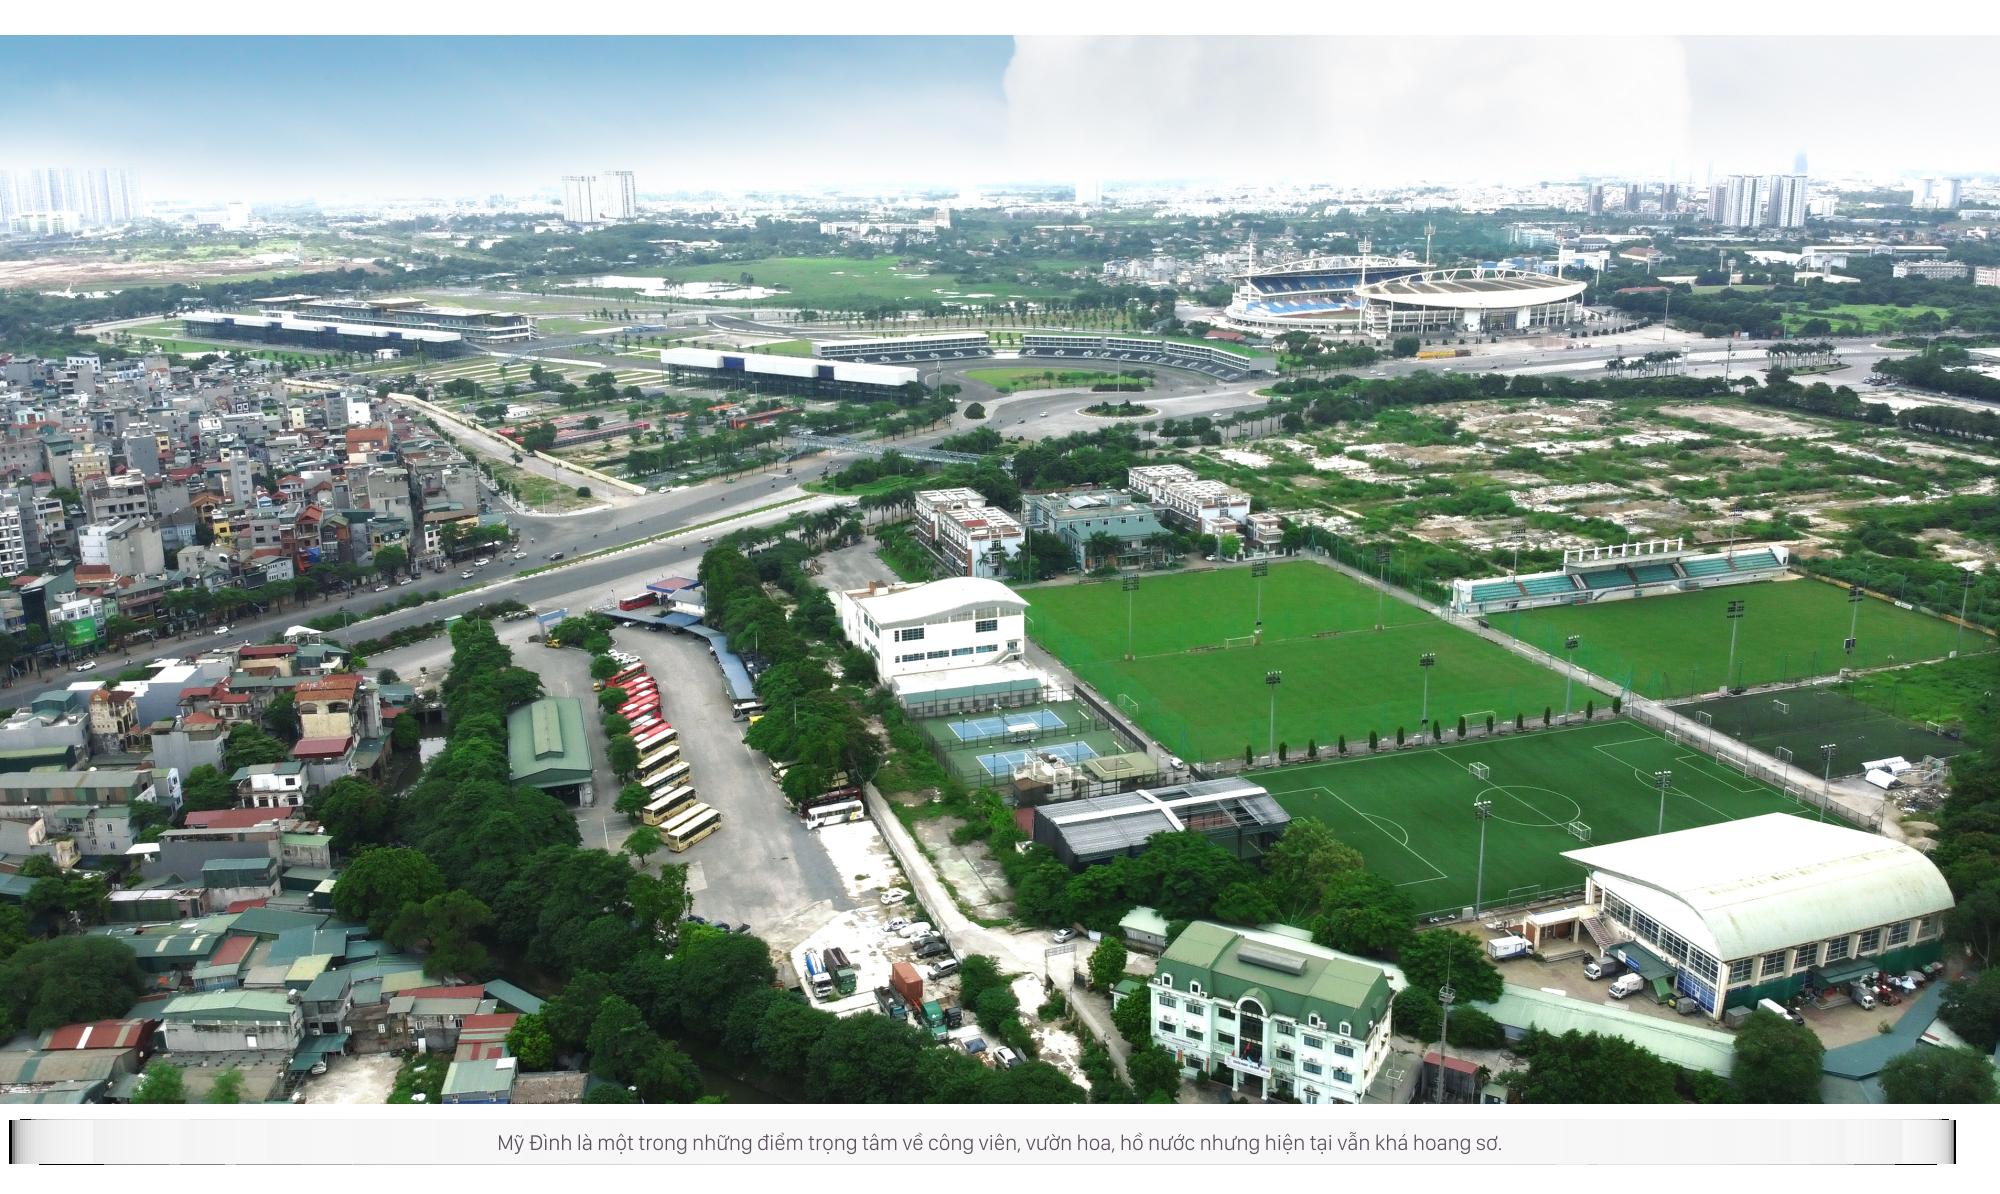 Vùng qui hoạch đẹp Keangnam: Hàng loạt doanh nghiệp lớn đổ về đầu tư, nhiều công trình nổi tiếng thế giới - Ảnh 26.